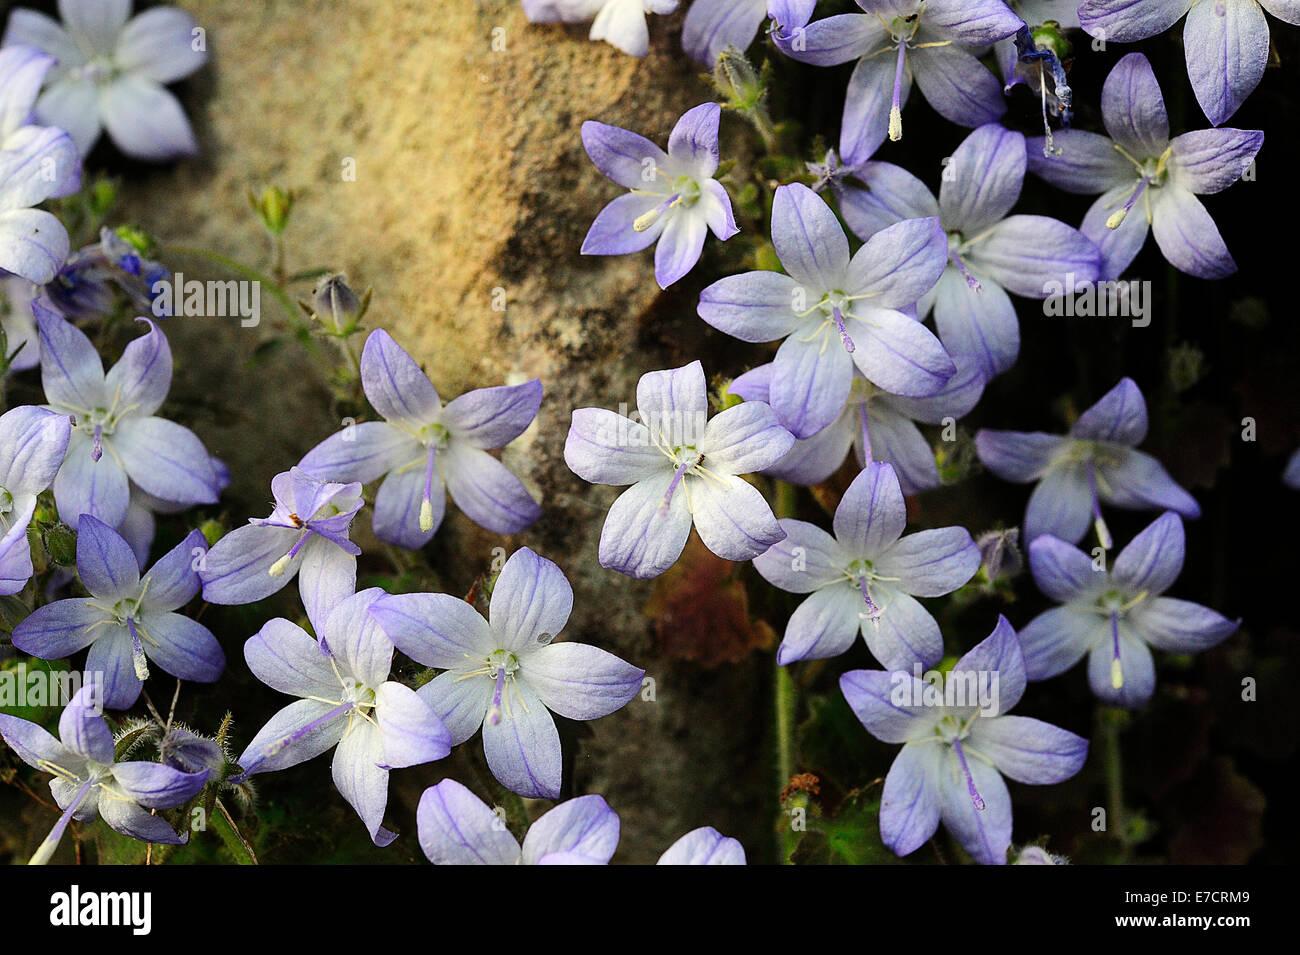 Adriatic bellflower Campanula garganica, Campanulaceae, Gargano National Park, Puglia, Italy R - Stock Image